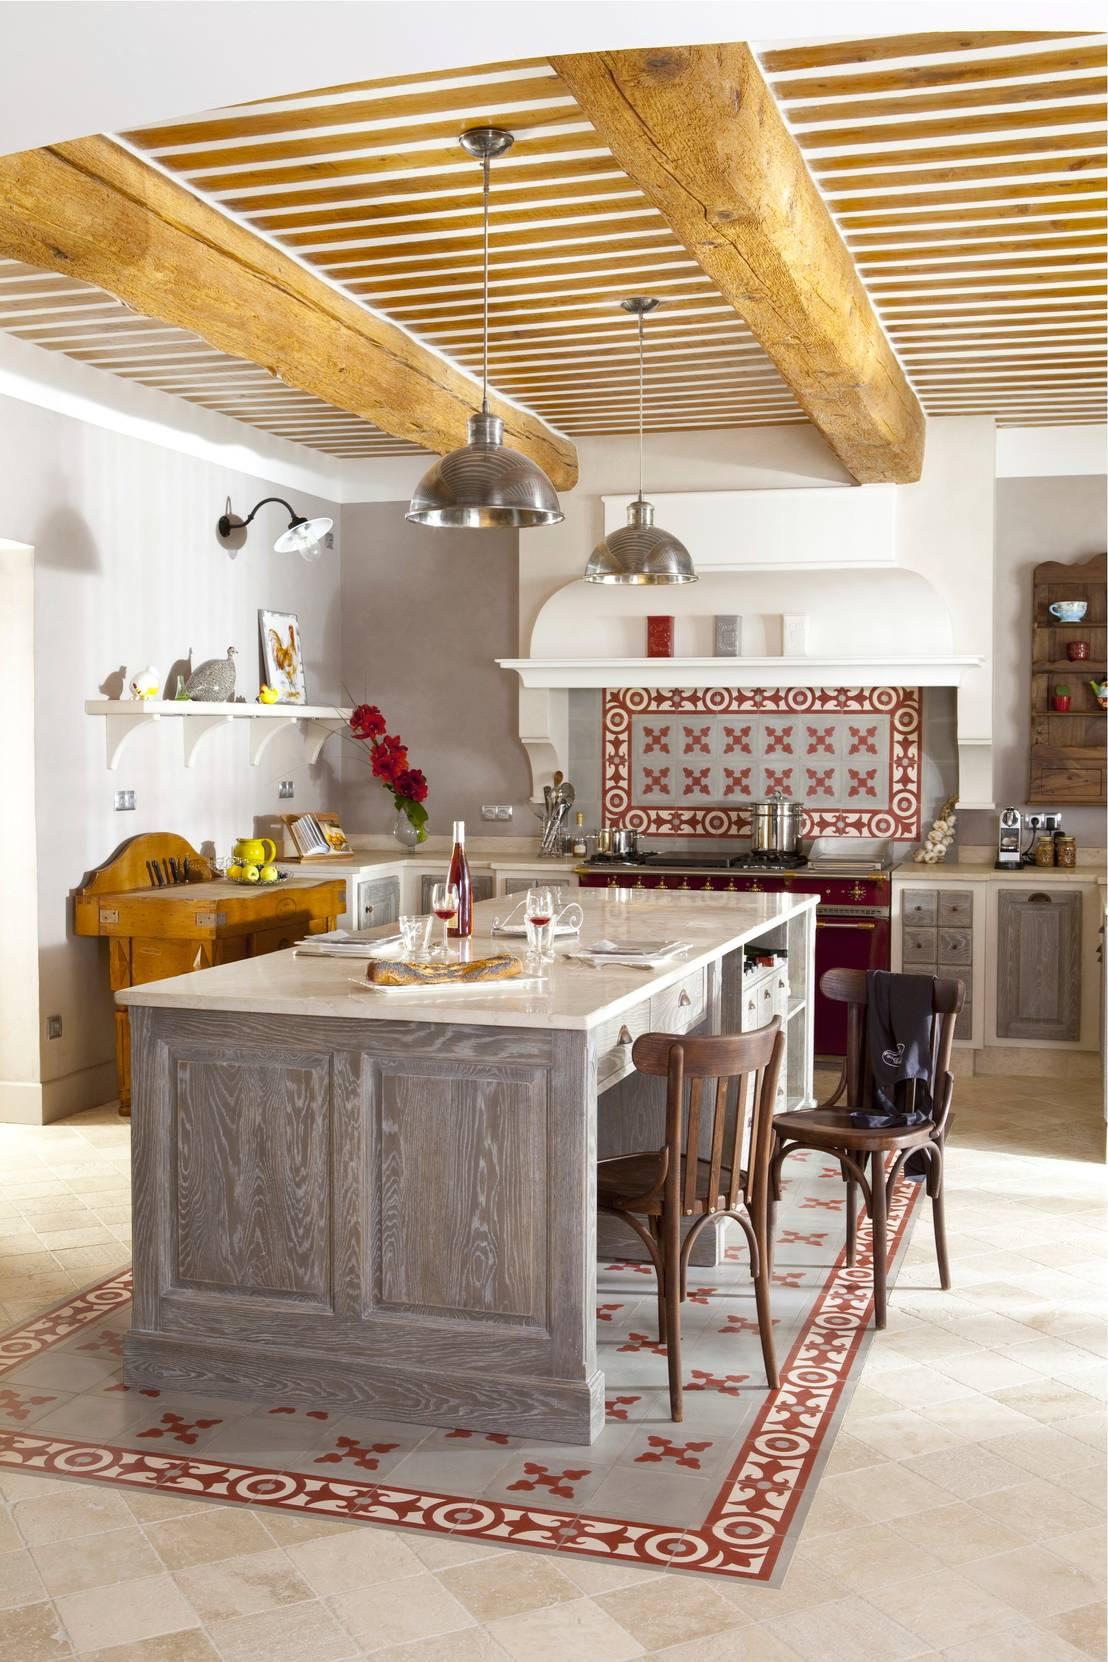 10 cocinas r sticas con mucho encanto - Cocinas con encanto ...